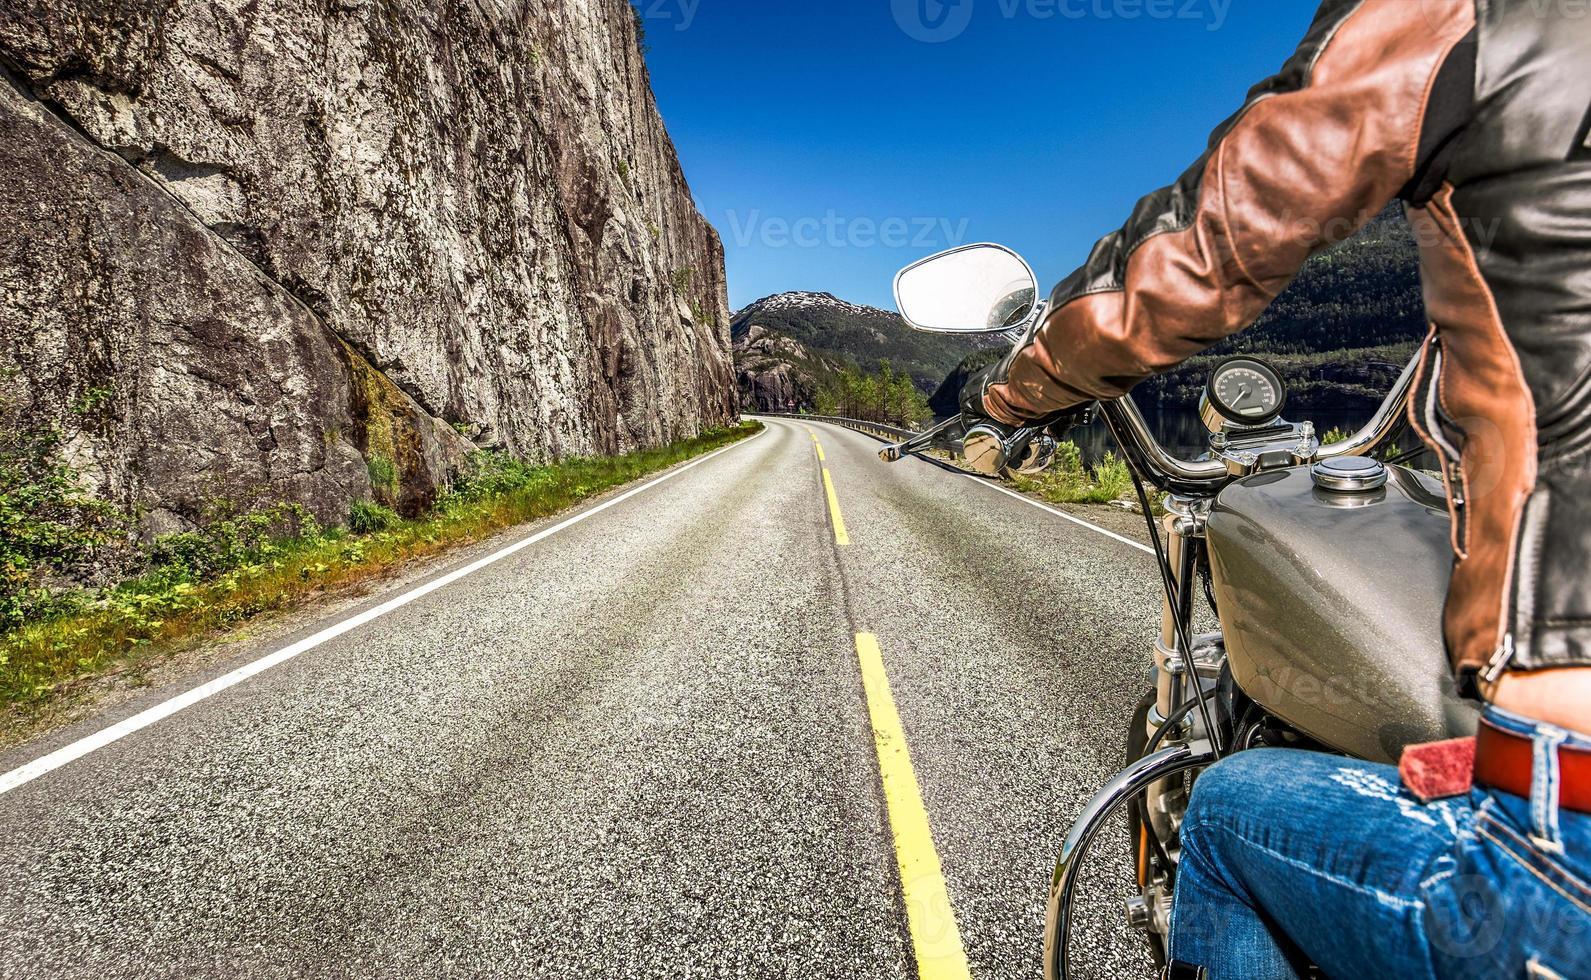 biker meisje first-person view foto